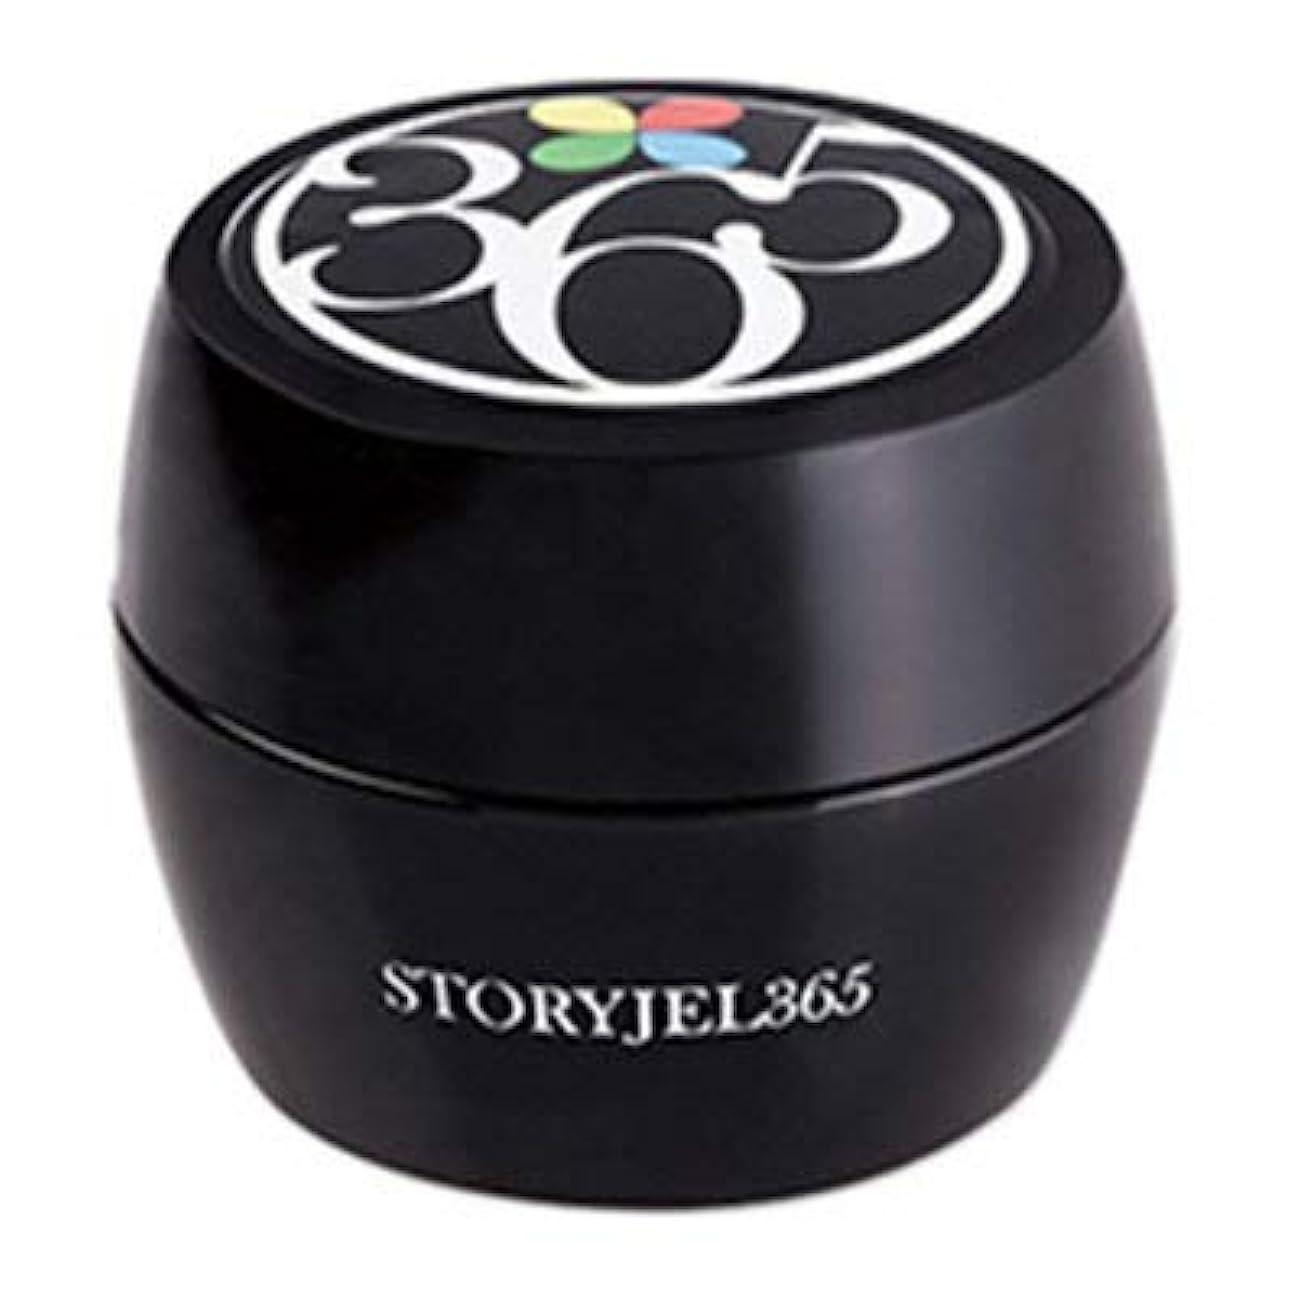 アレルギーノベルティ気分STORYJEL365 スカルプティングソフトジェル 15g (ストーリージェル) SJW-SCULPTING01